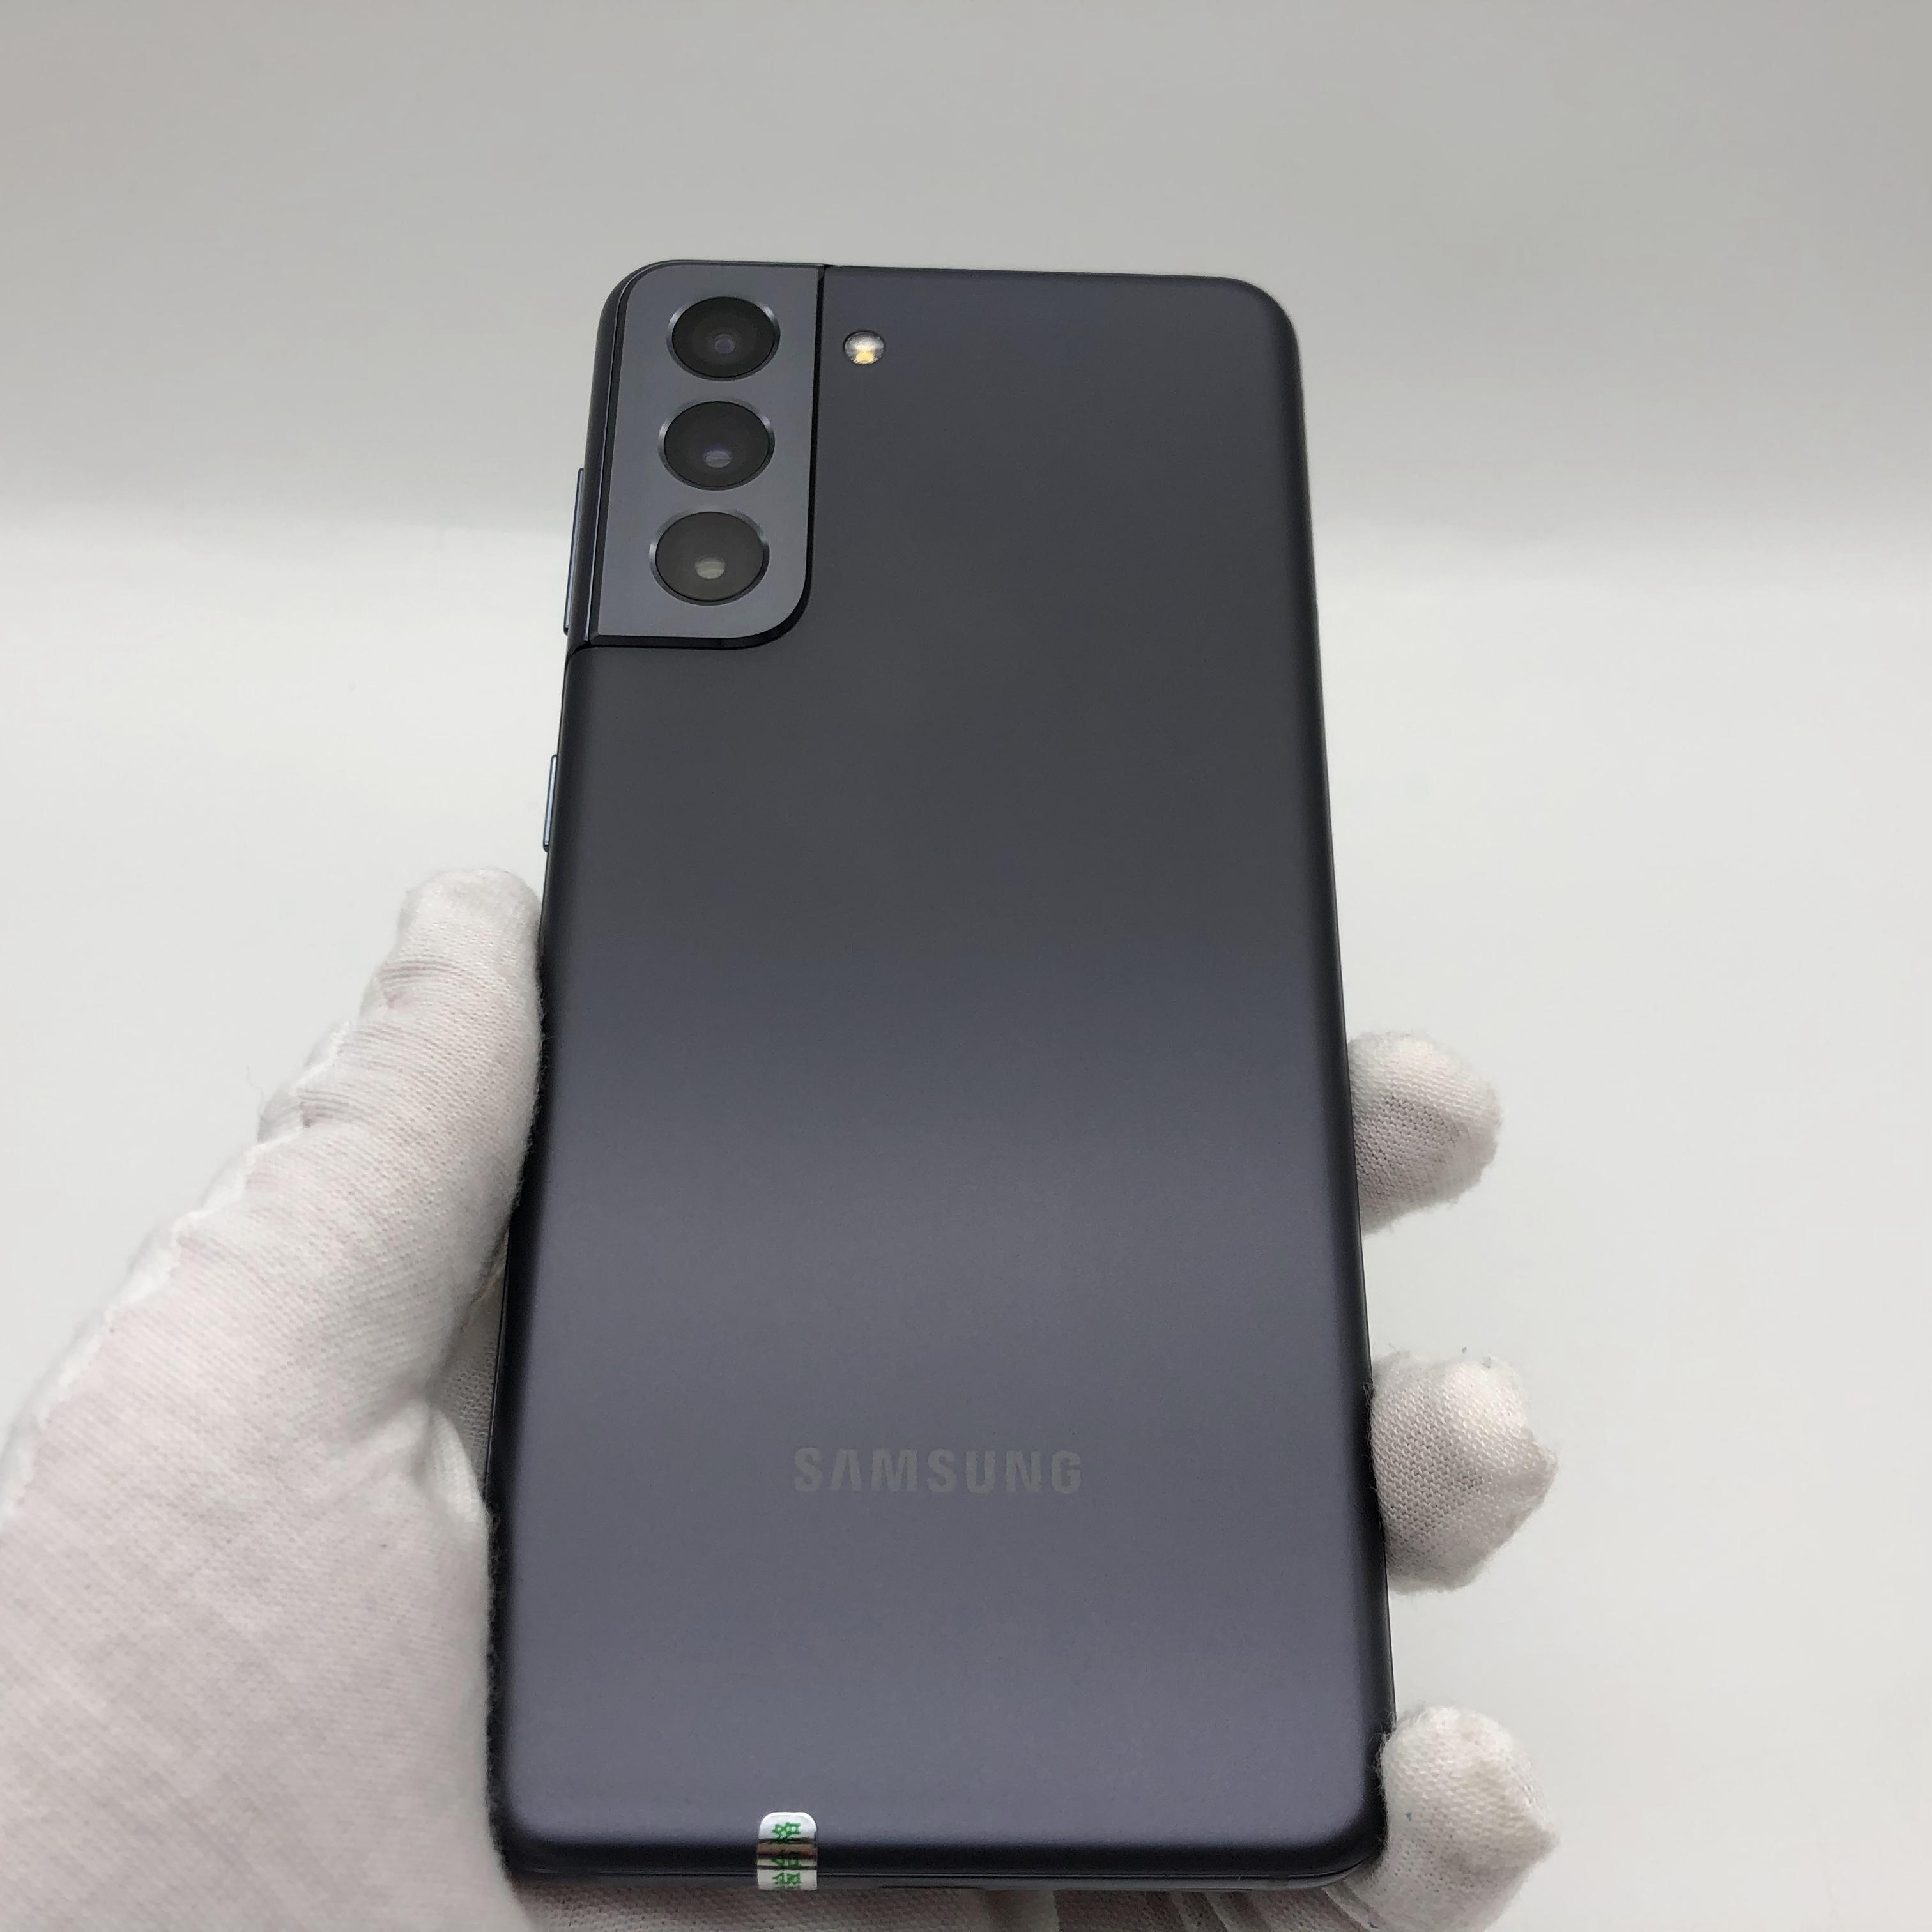 三星【Galaxy S21 5G】5G全网通 墨影灰 8G/256G 国行 99新